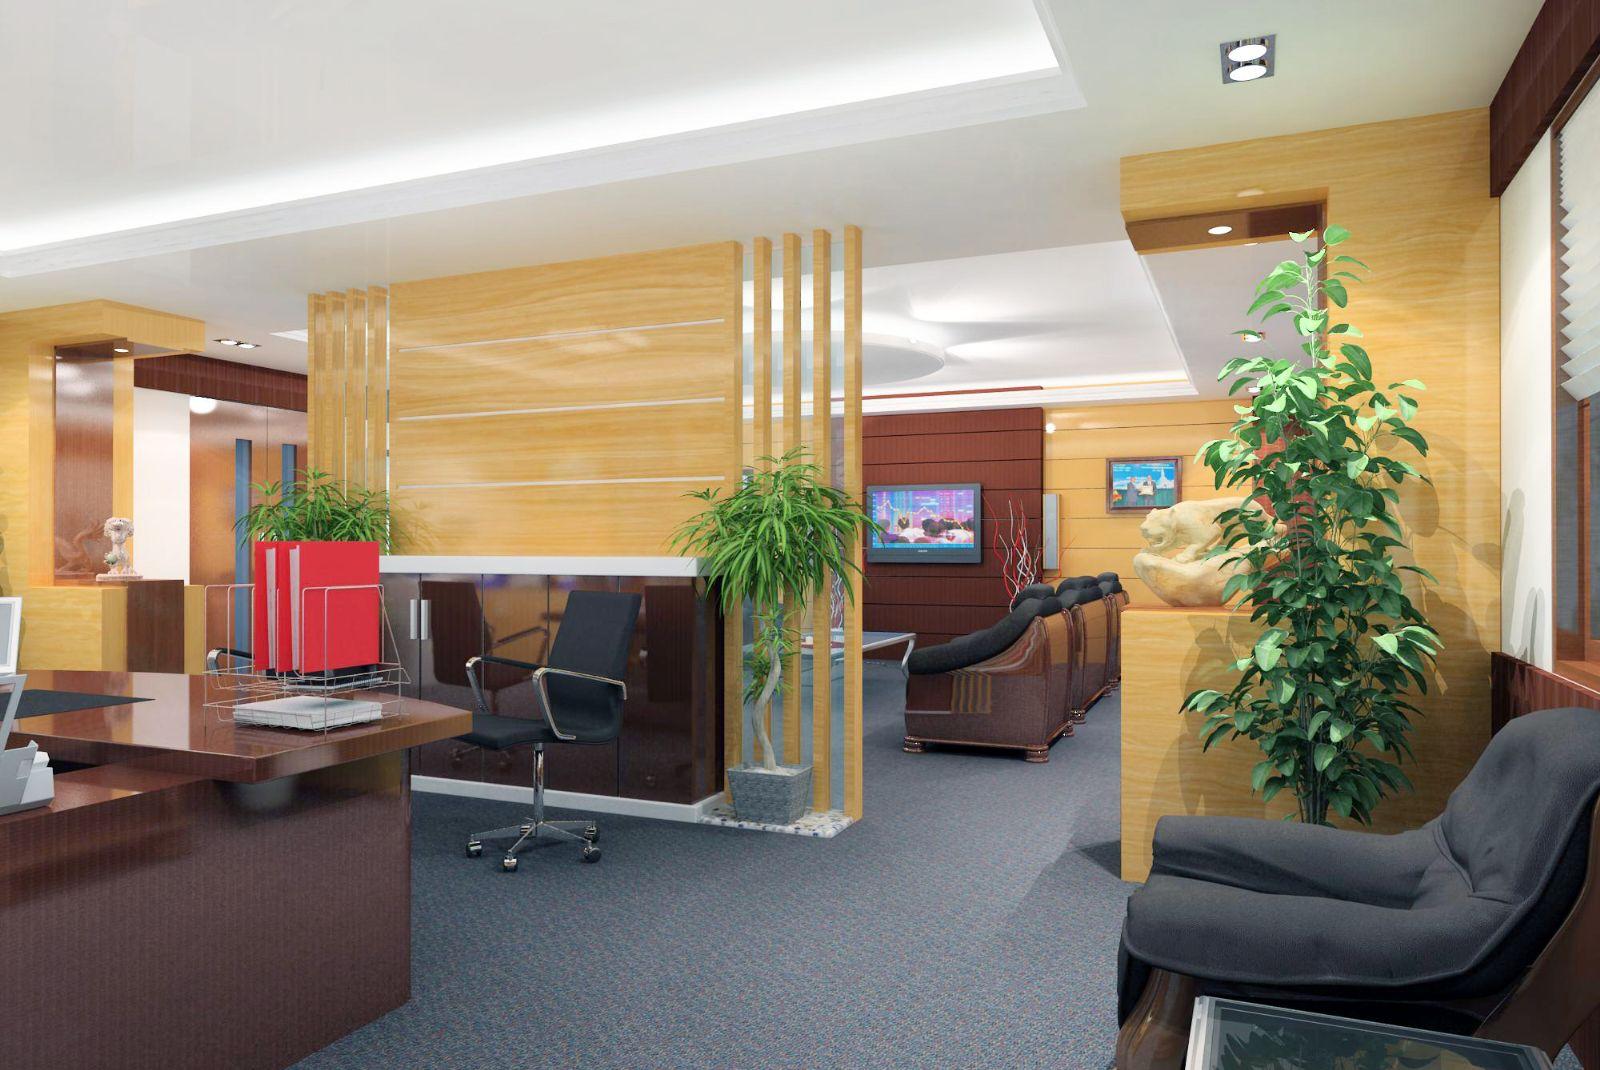 Kết quả hình ảnh cho cây cảnh văn phòng làm việc